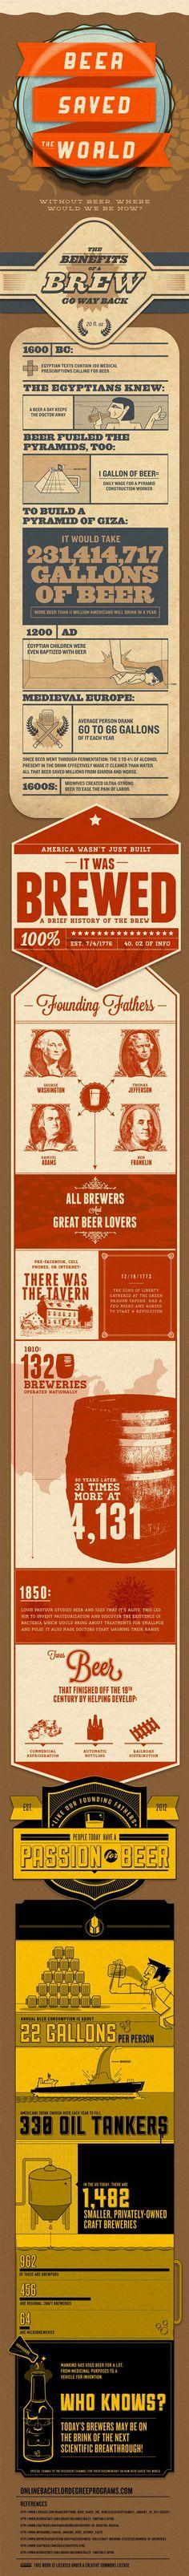 [Infographic] Beer Saved the World! #DeschutesBeer